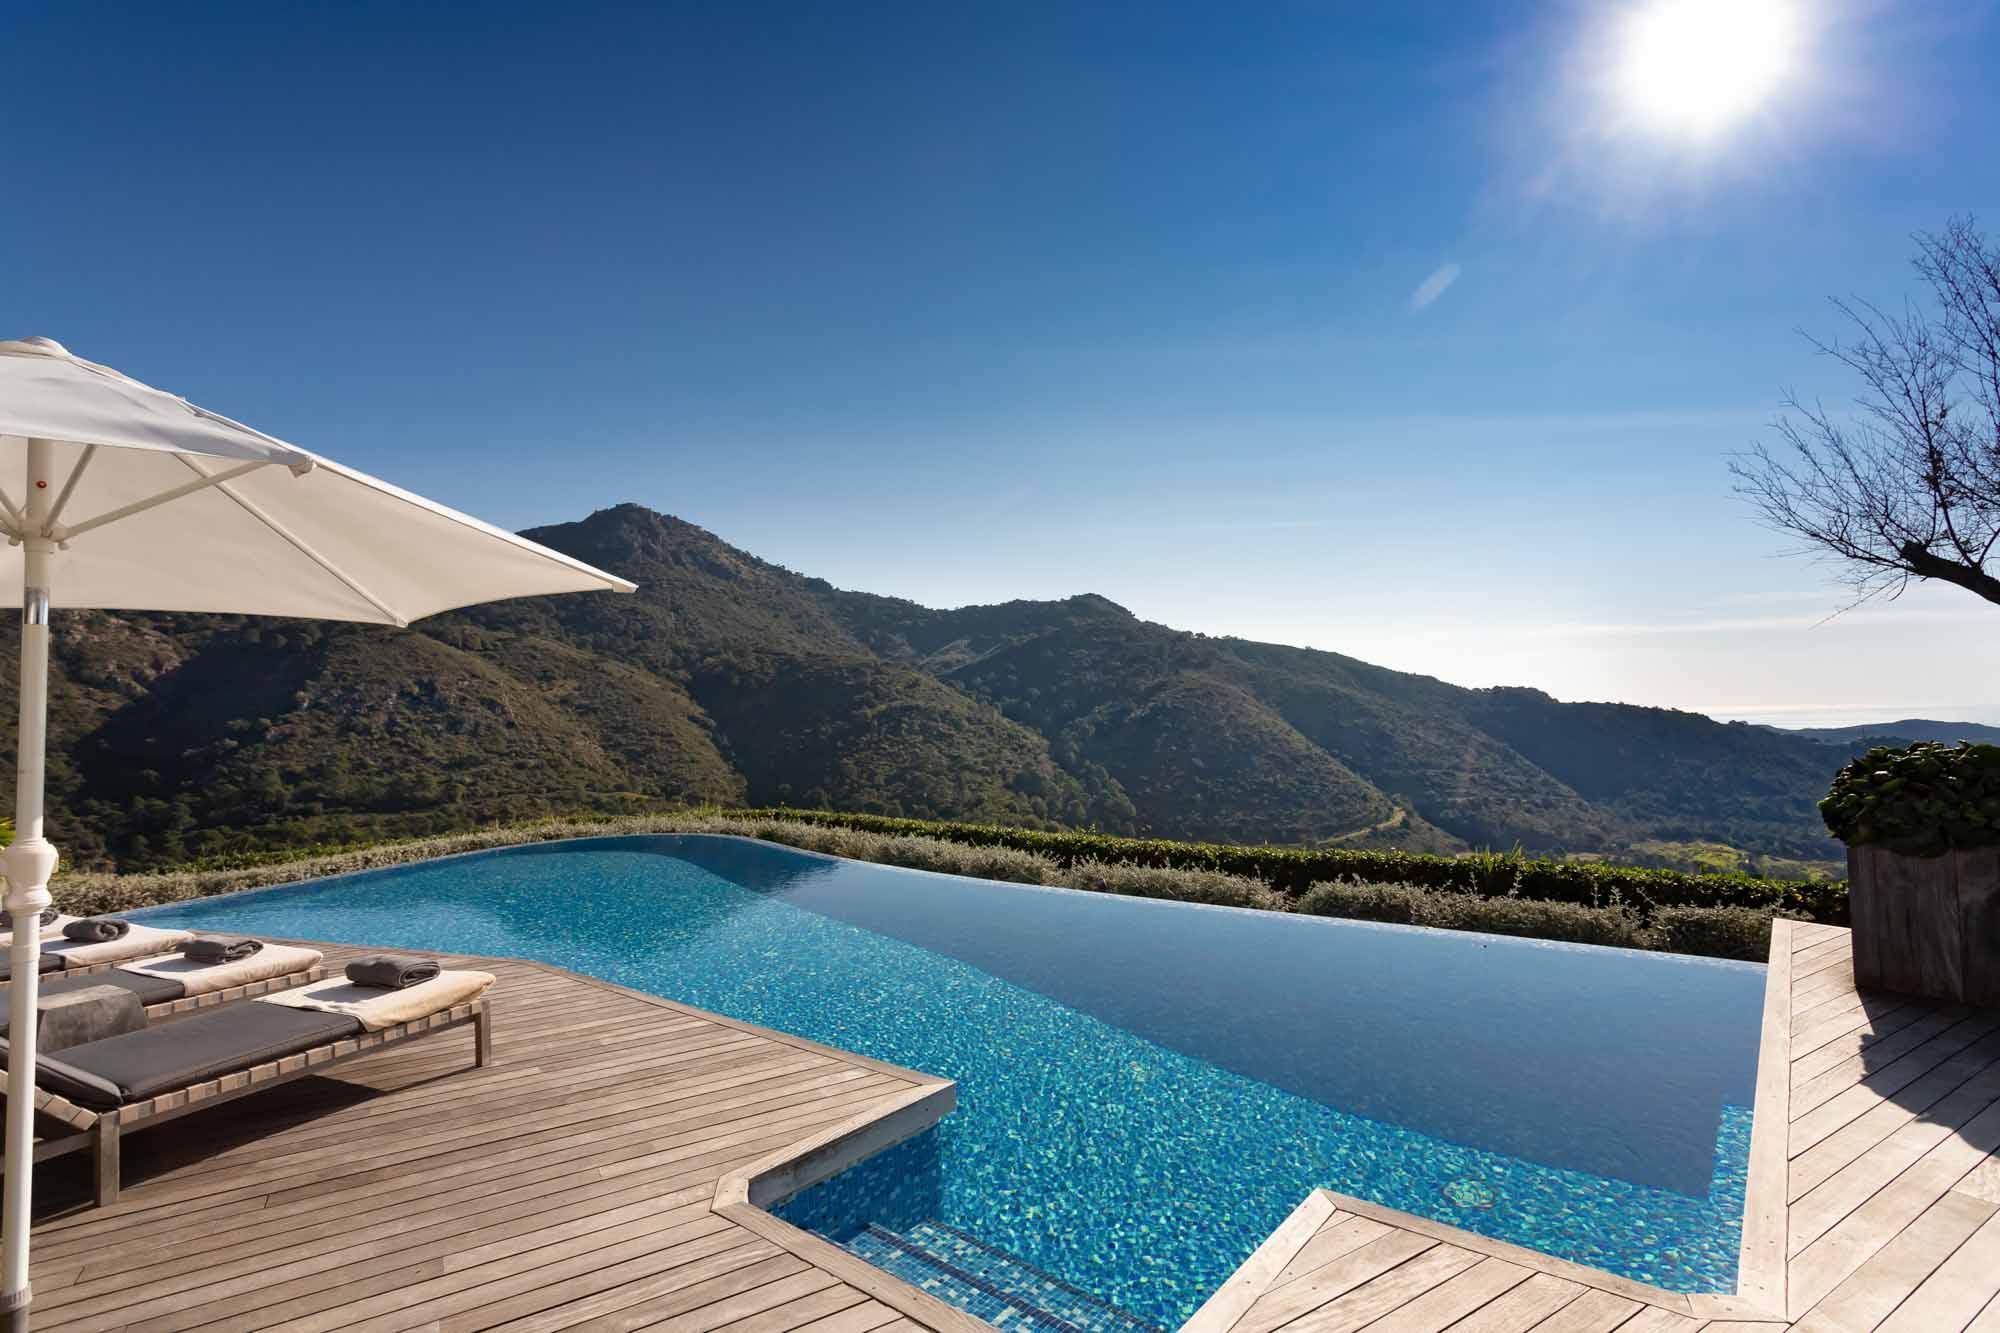 view from the pool at villa chantay